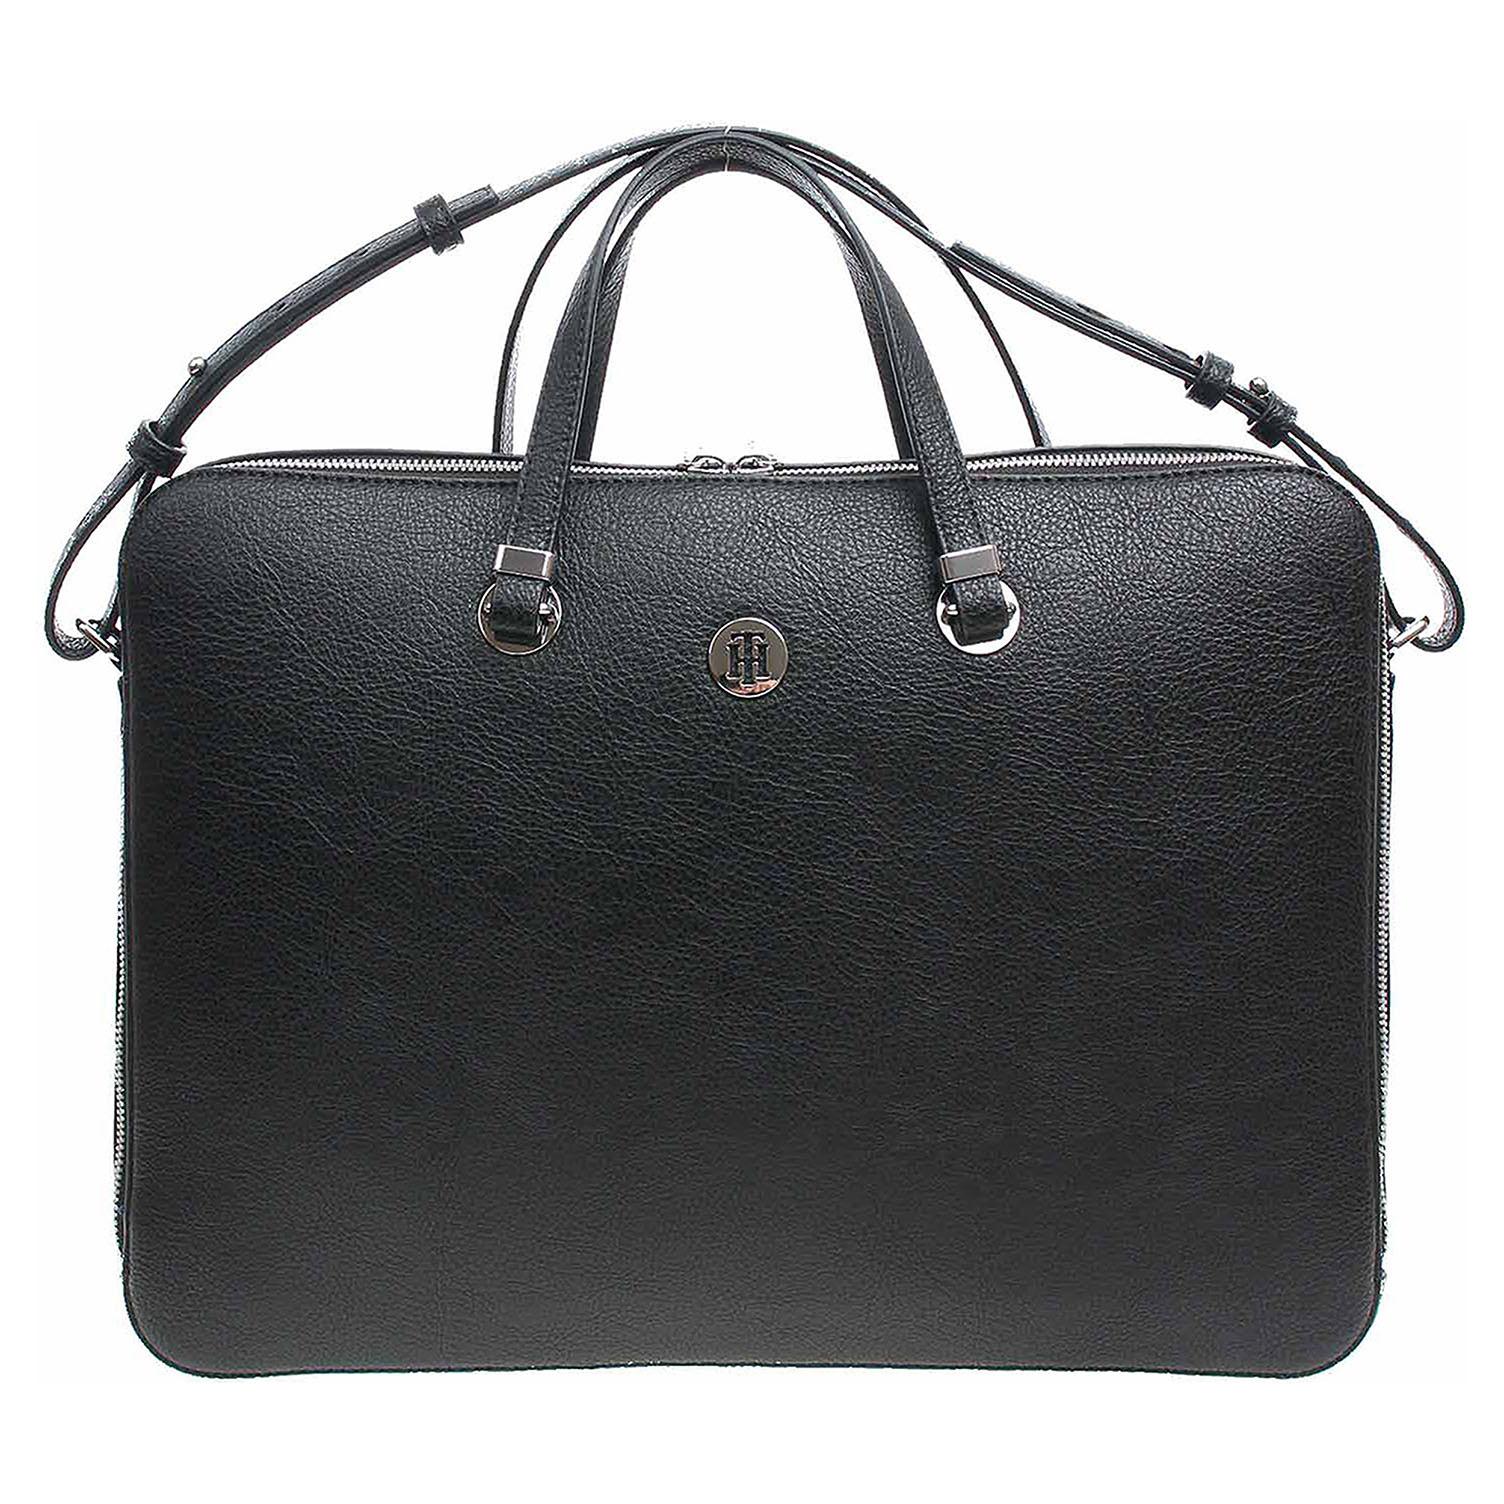 fb0c7ff129 Ecco Tommy Hilfiger dámská taška AW0AW06424 002 black-warm sand 10701216